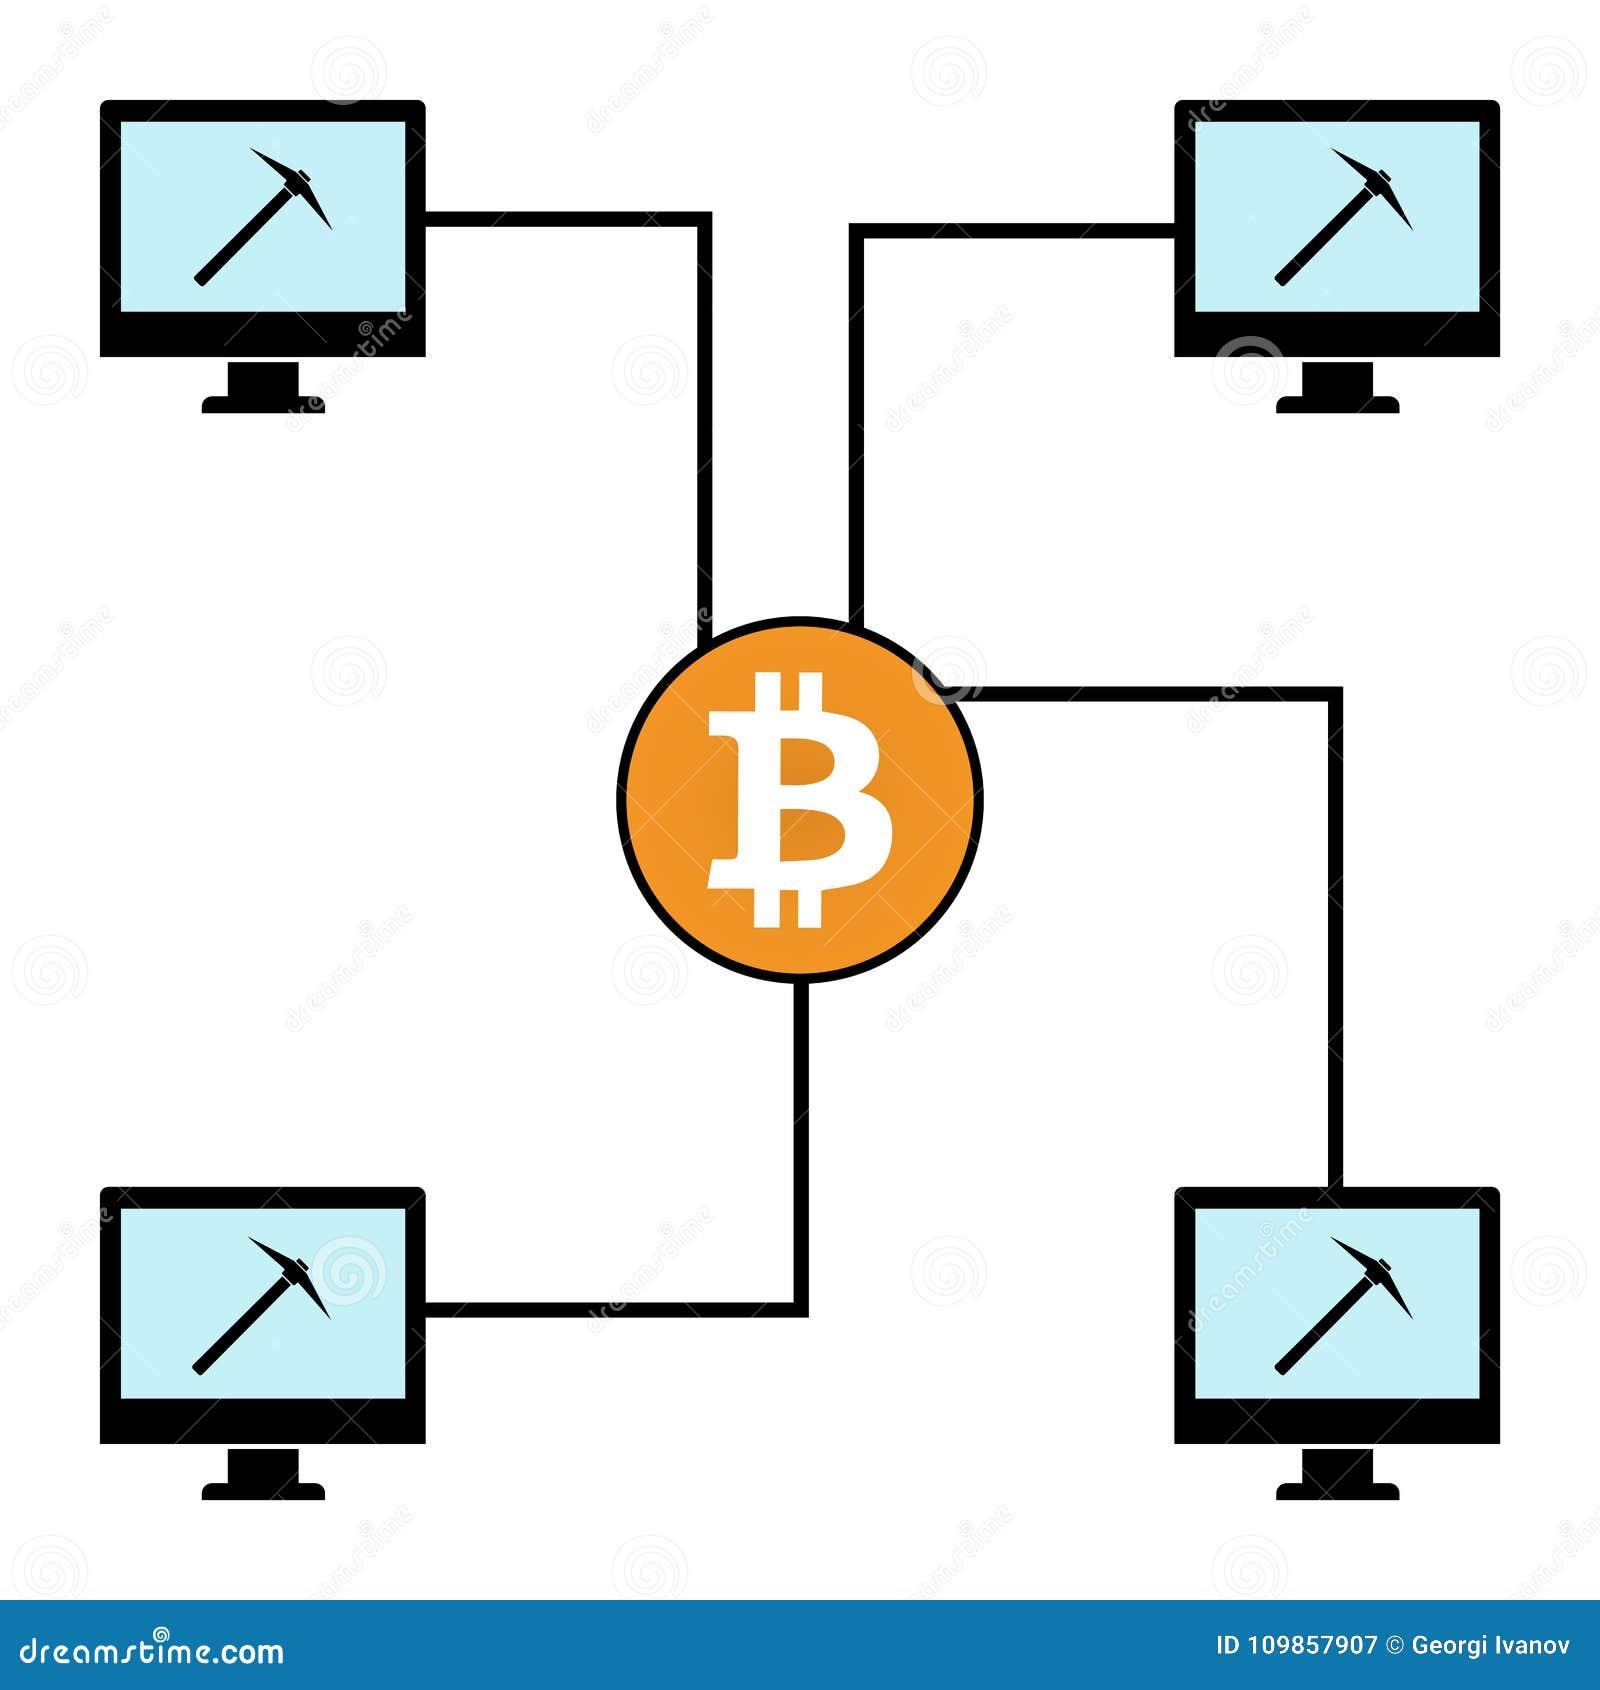 Cele mai bune bazine miniere Bitcoin 2021 – Lista finală a bazinelor miniere